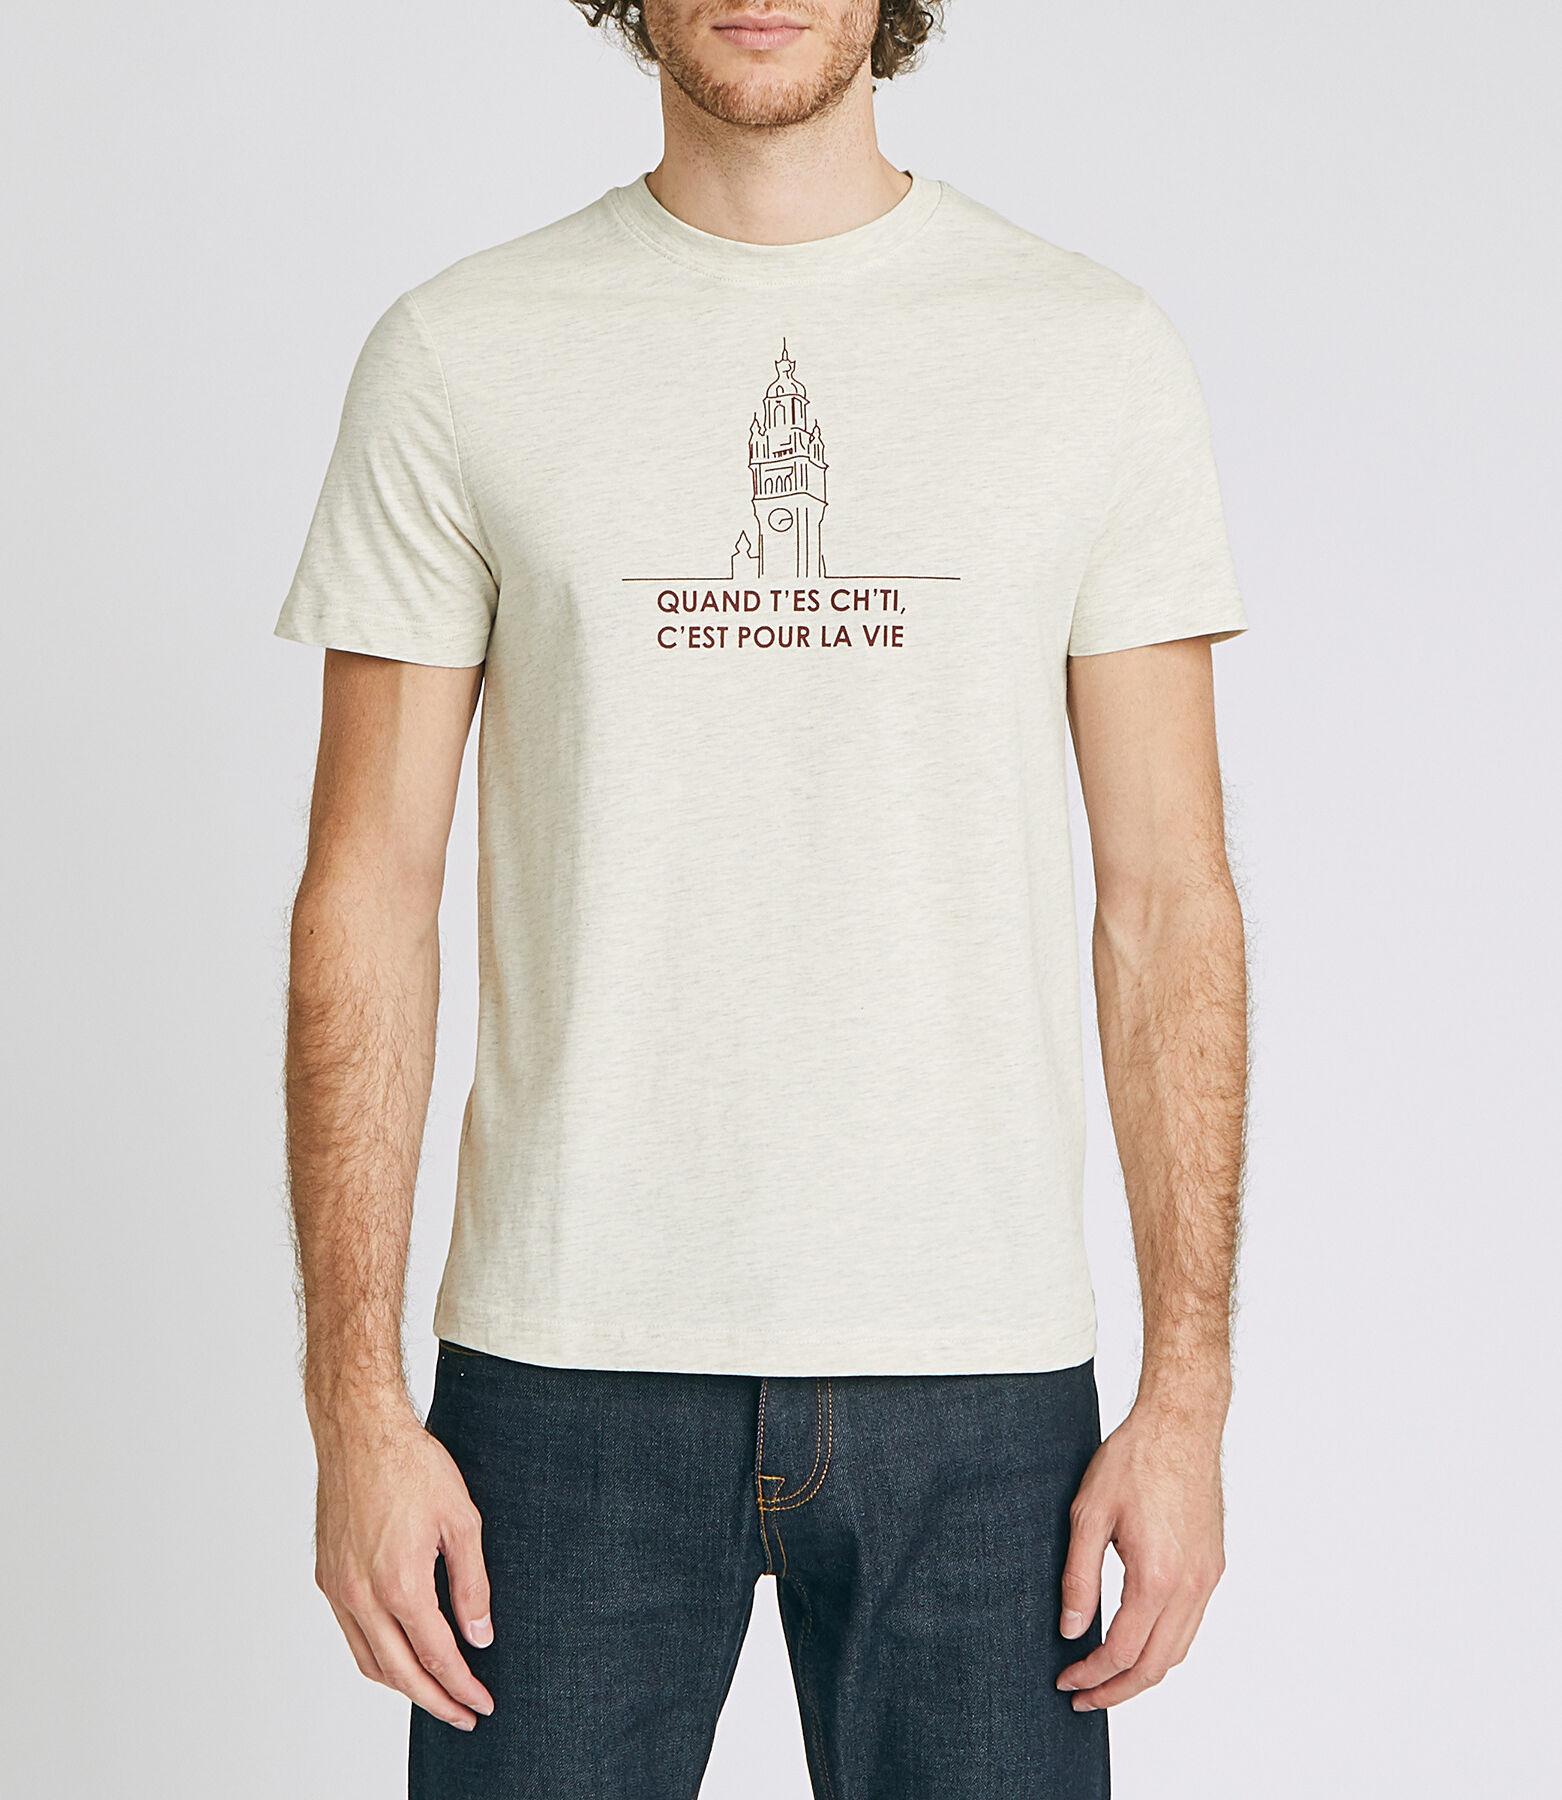 Tee shirt région Hauts de France